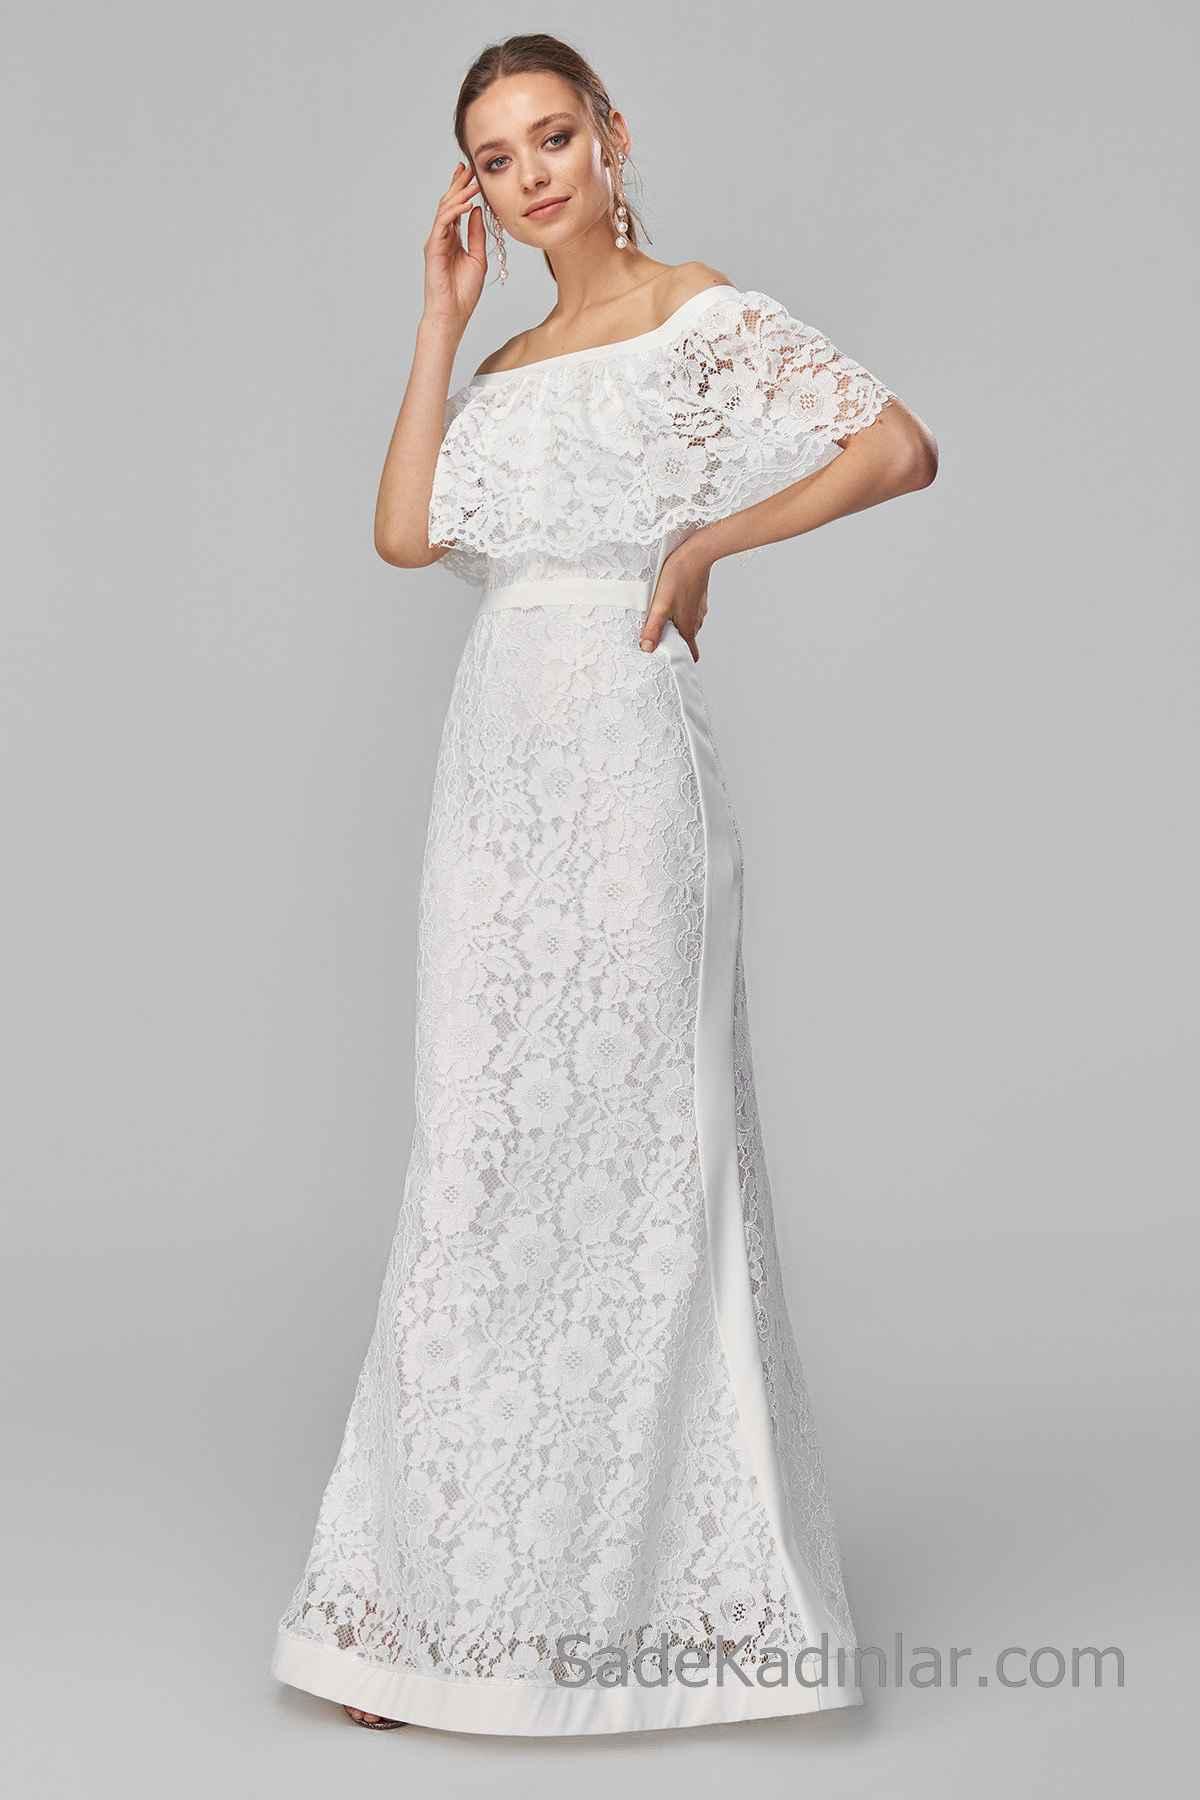 2020 Uzun Abiye Modelleri Beyaz Uzun Omzu Açık Düşük Kol Güpür